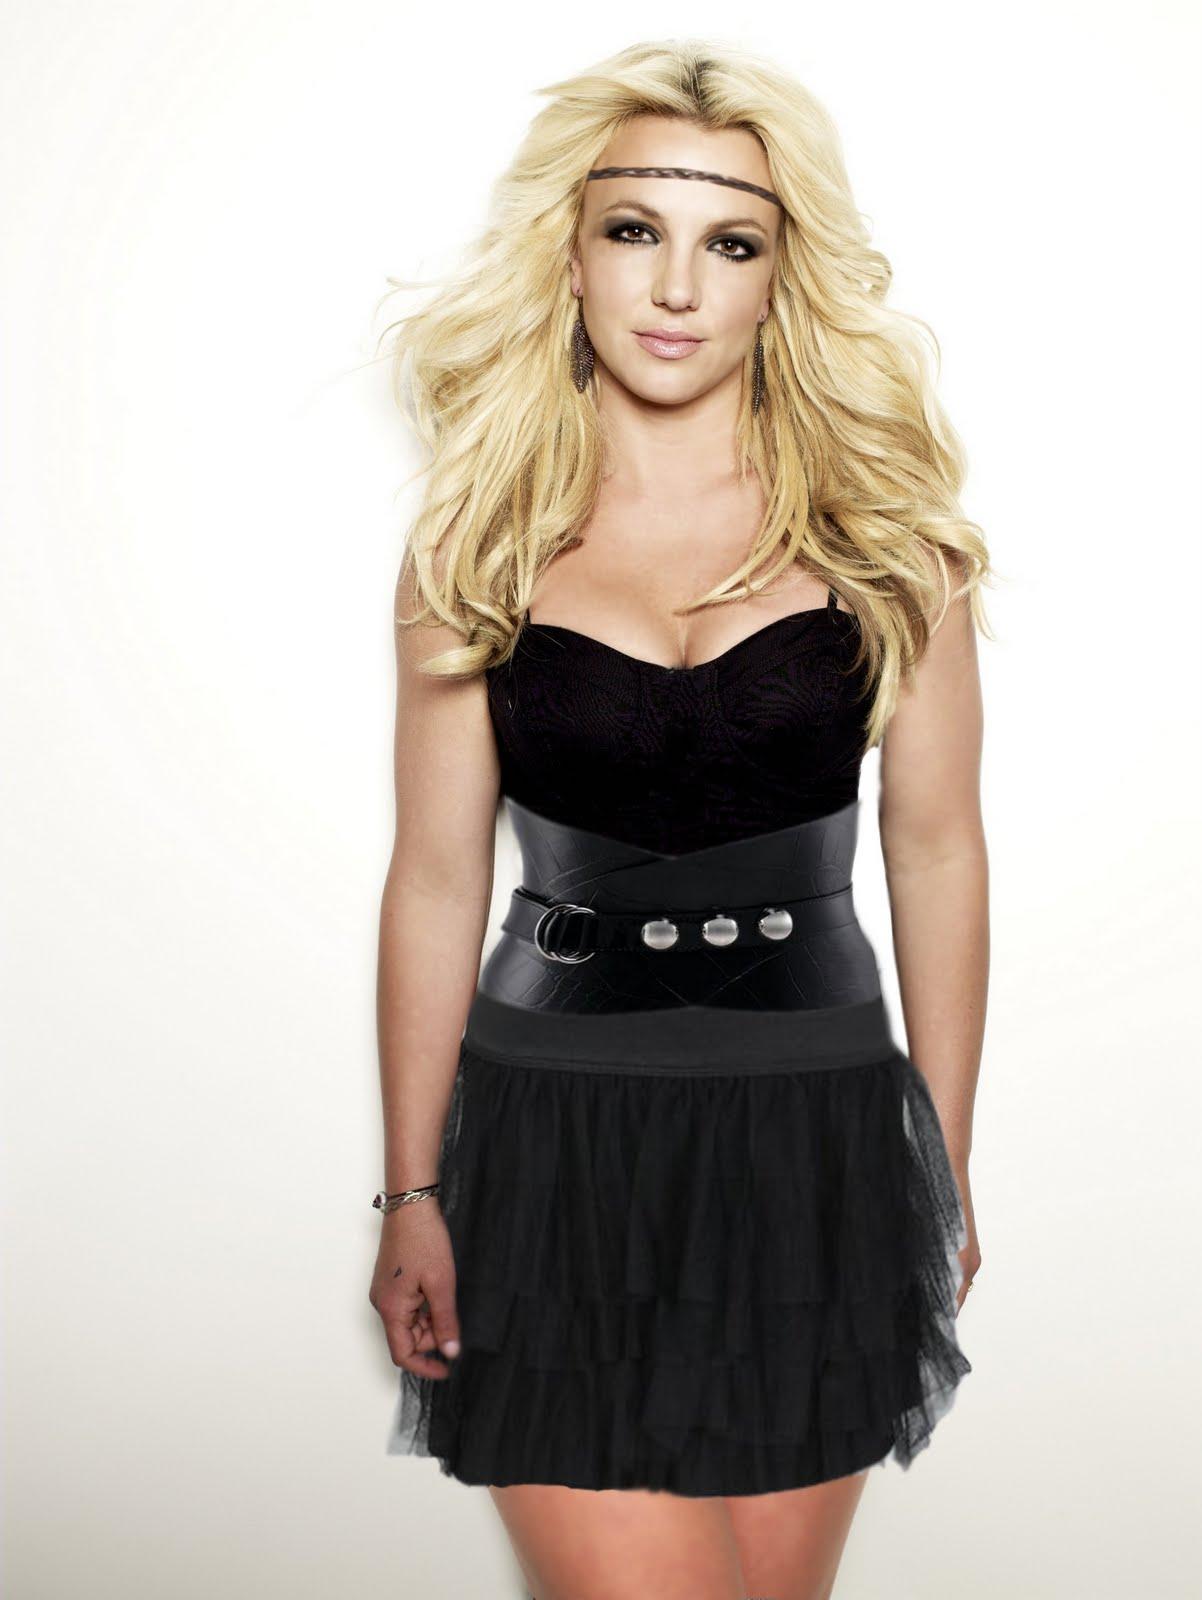 Foto de Britney Spears  número 49257